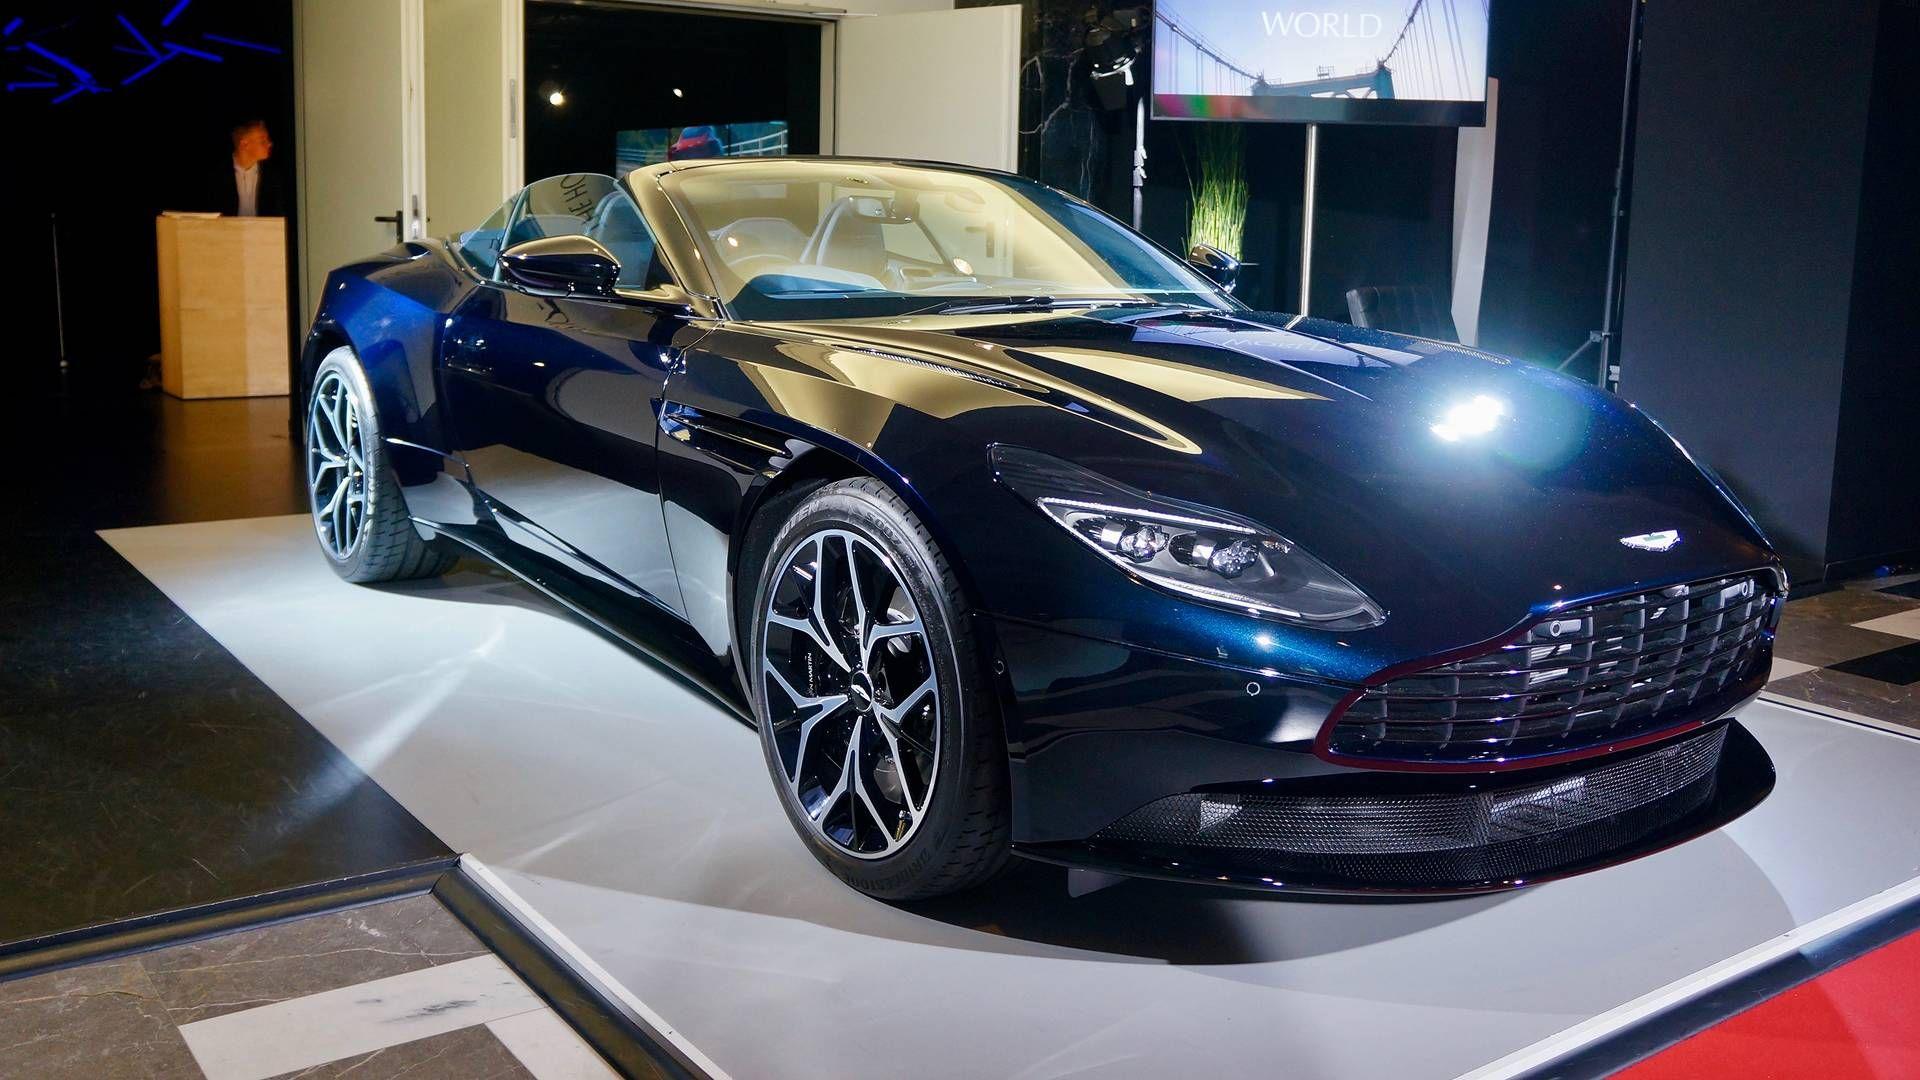 2018 Aston Martin Db11 Volante Live Photos Motor1 Com Photos Vehicule De Luxe Voitures Aston Martin Voitures De Luxe